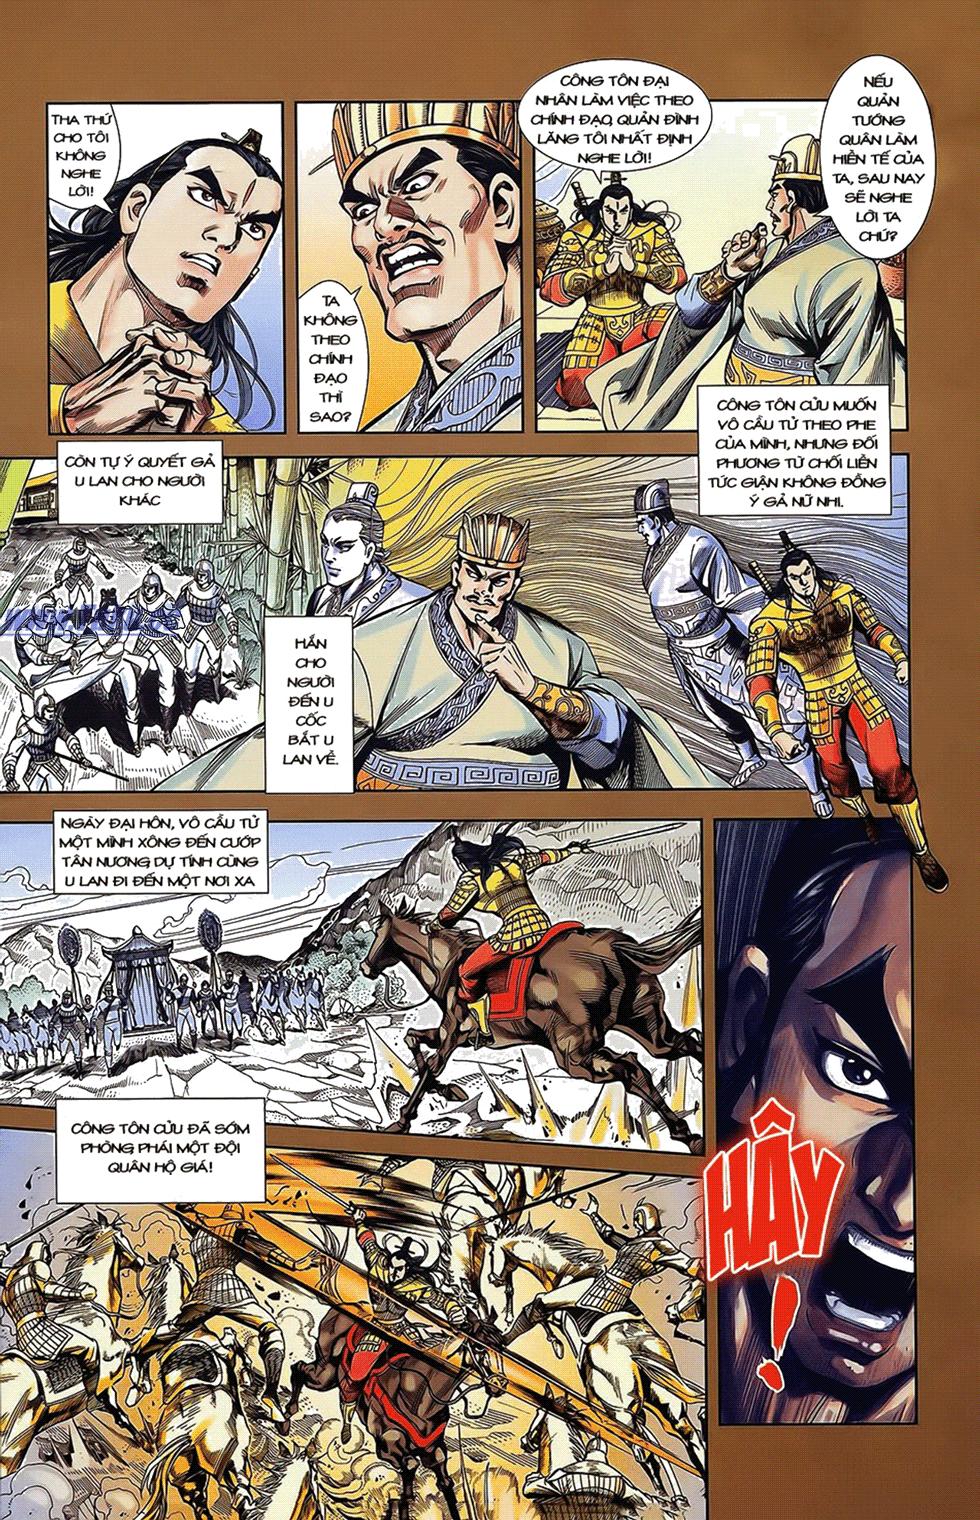 Tần Vương Doanh Chính chapter 14 trang 8